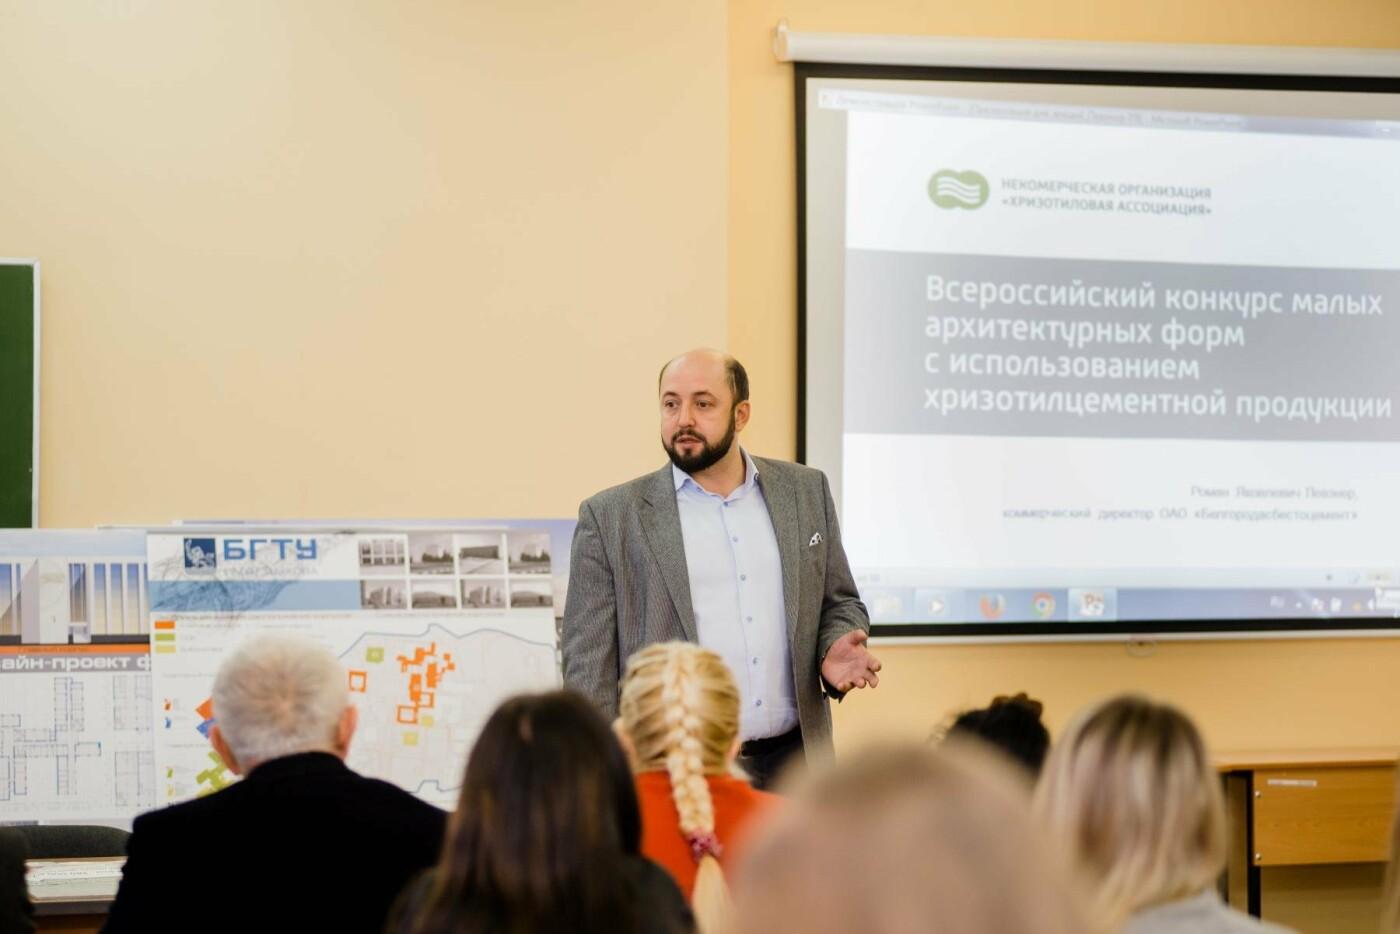 Белгородские студенты-архитекторы обновят городскую среду с помощью изделий из хризотилцемента, фото-1